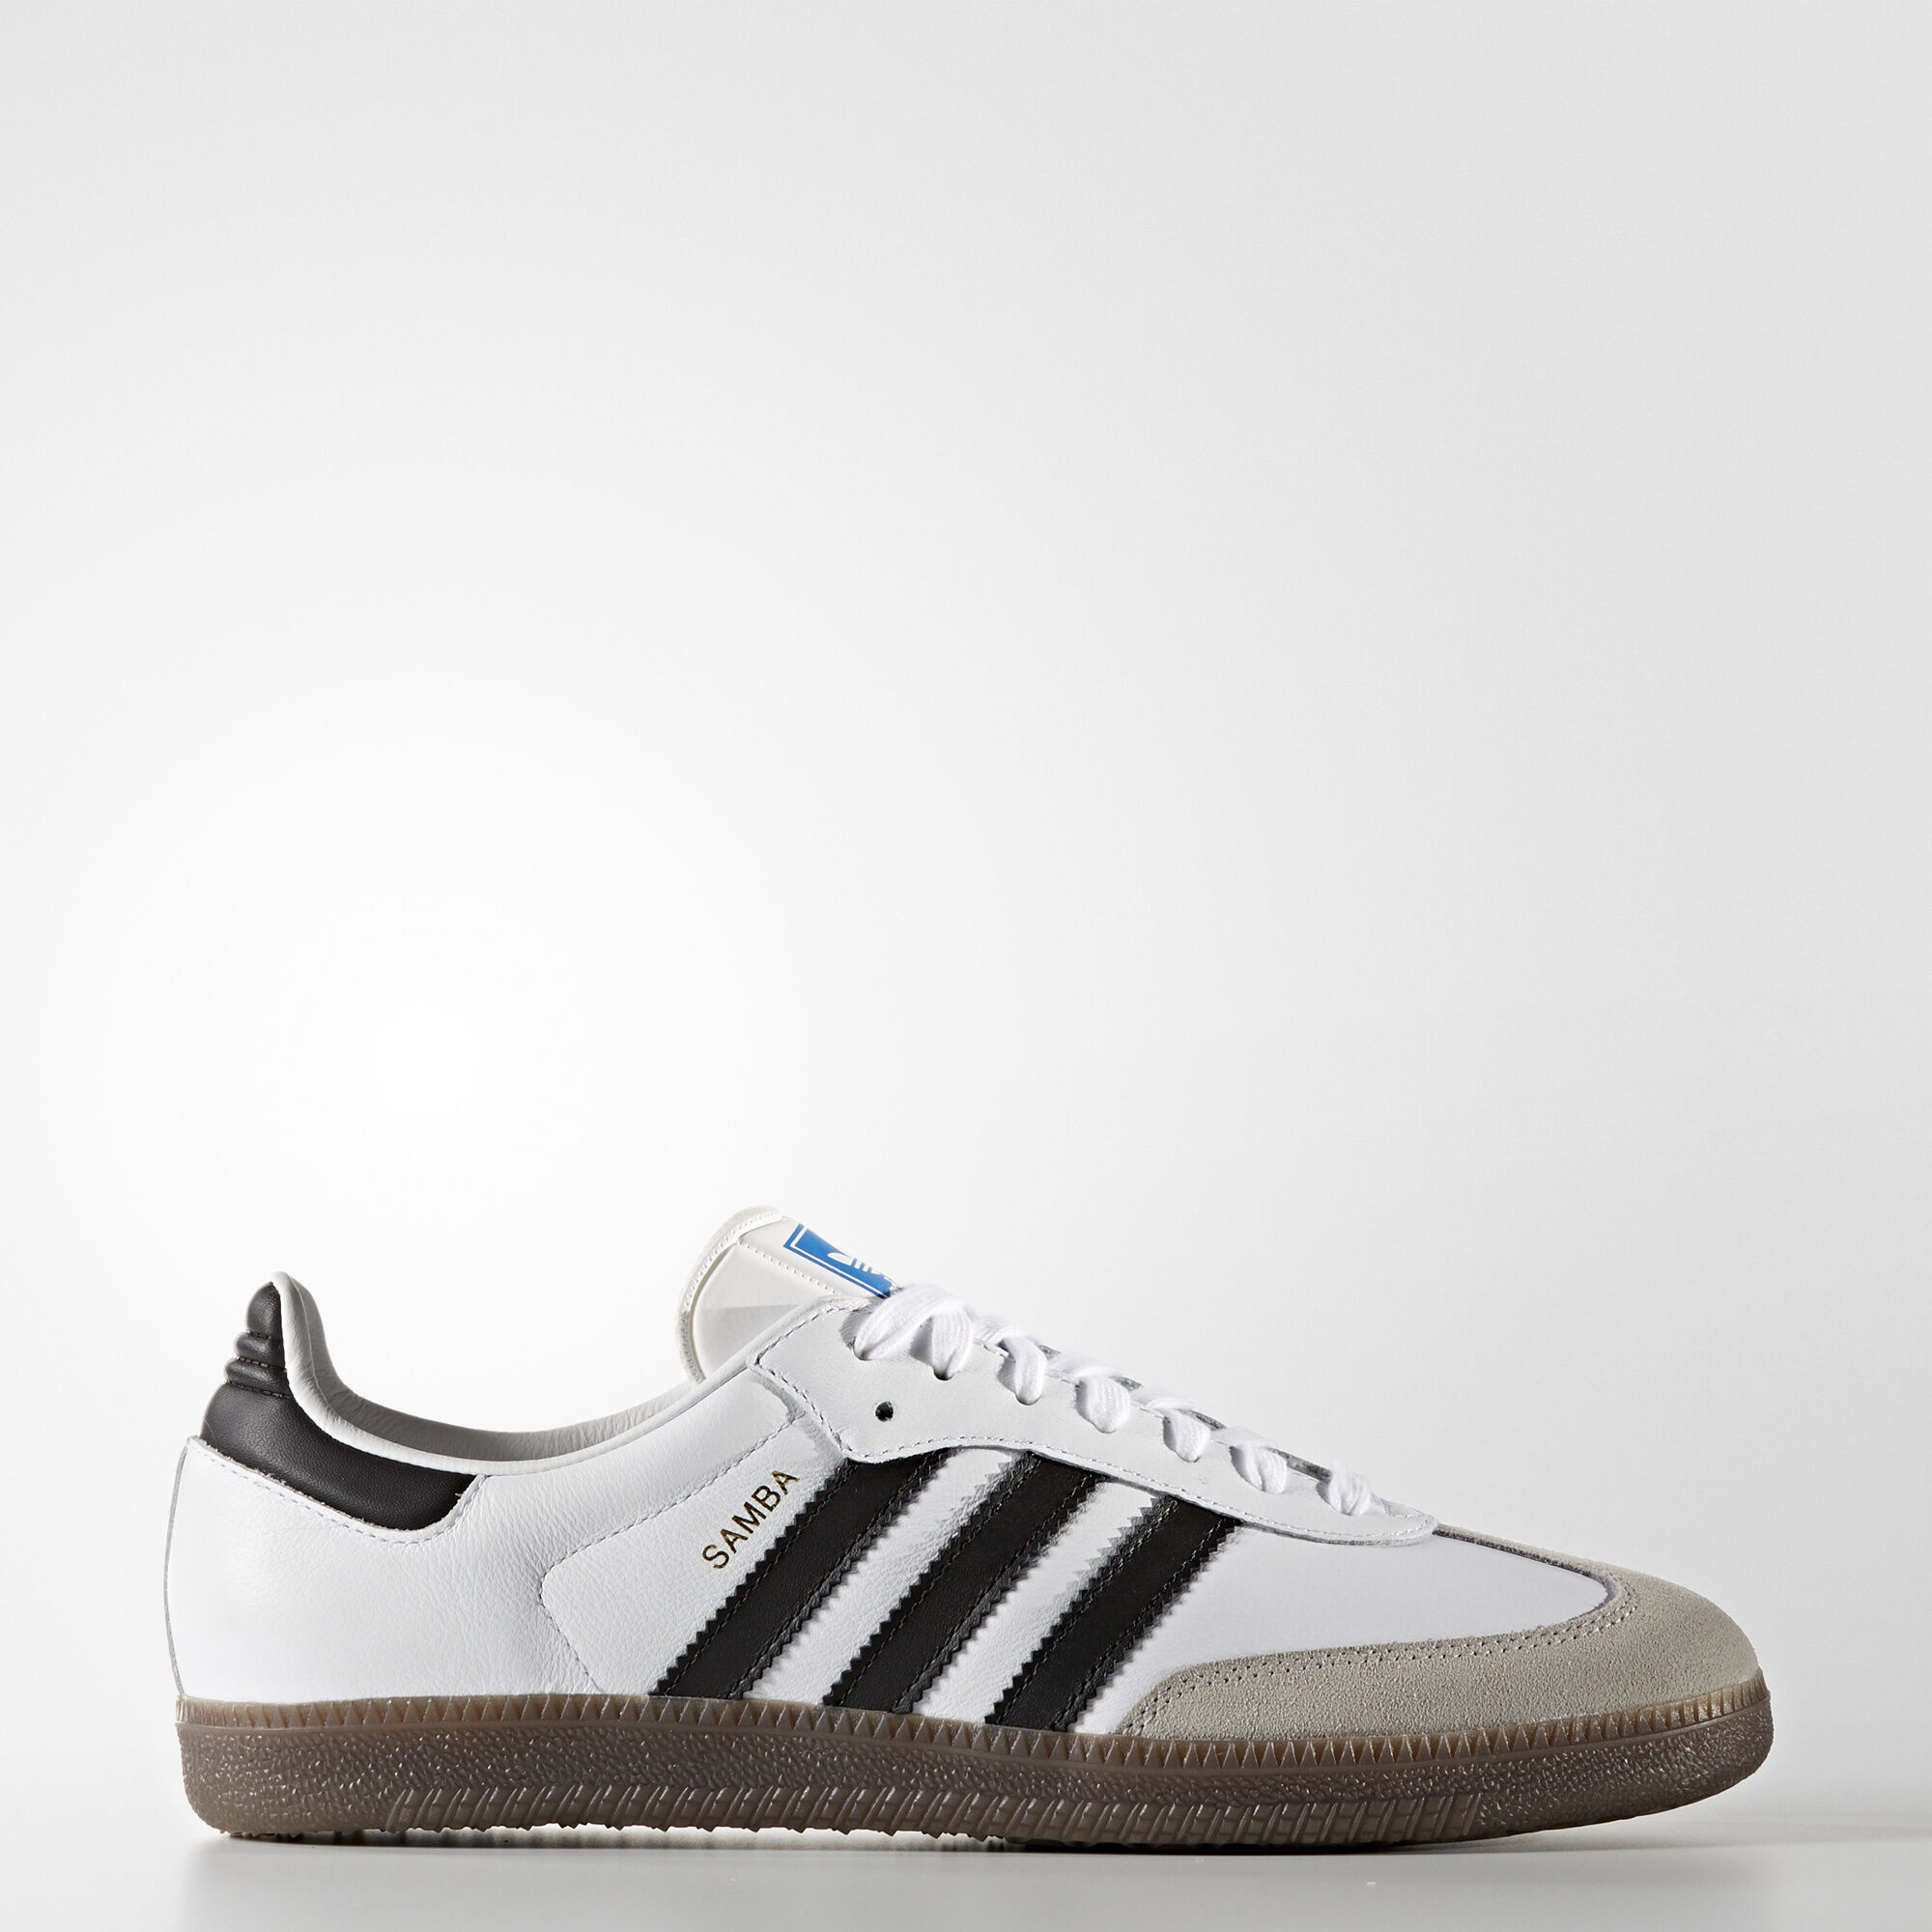 Adidas Schuhe Frauen Neu